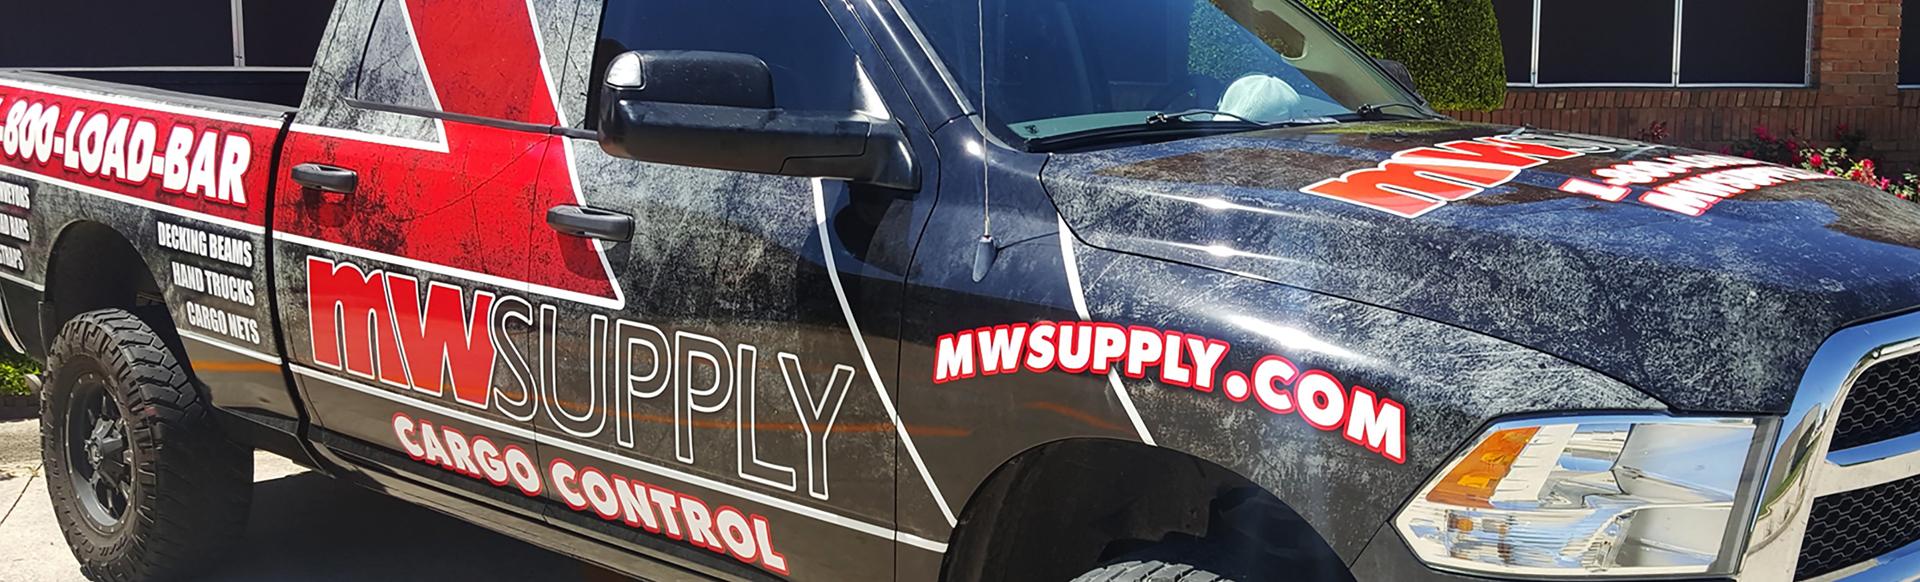 Car Wraps in Dallas TX, DFW, Plano TX, Carrollton TX, Frisco TX